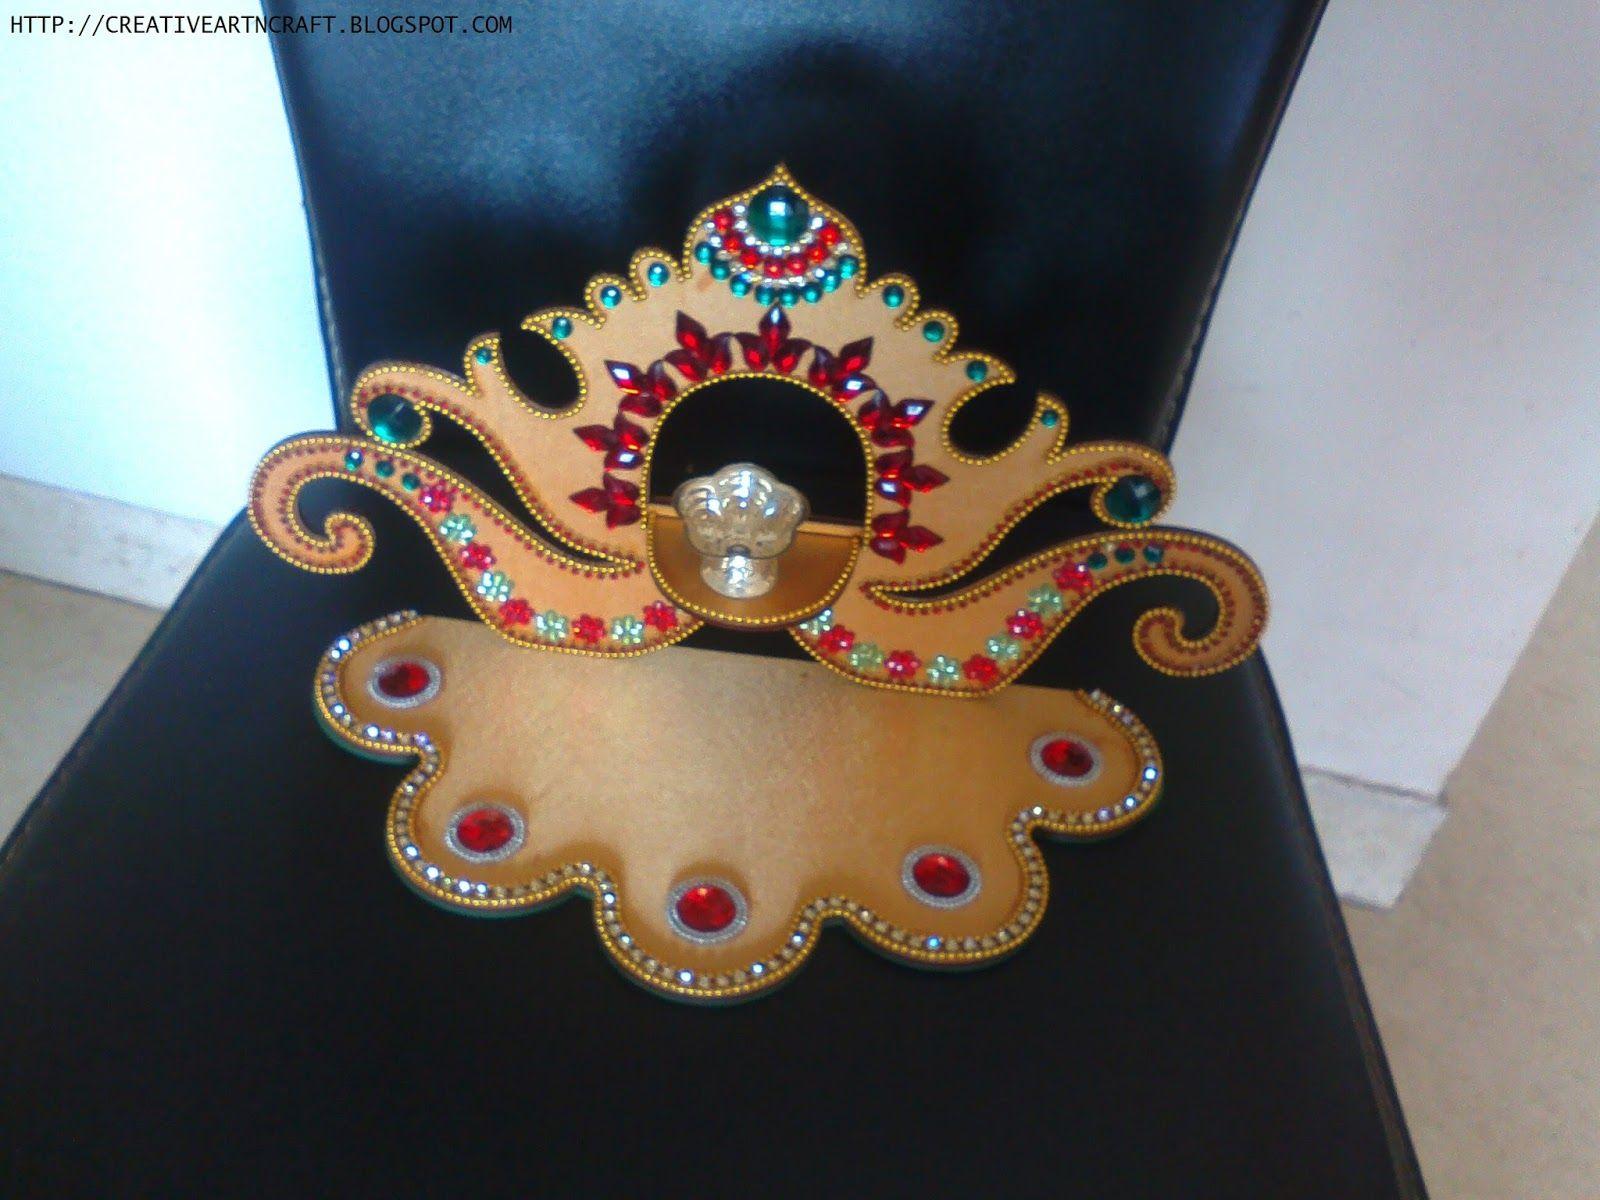 anu s art and crafts diya stand wow craft pinterest crafts